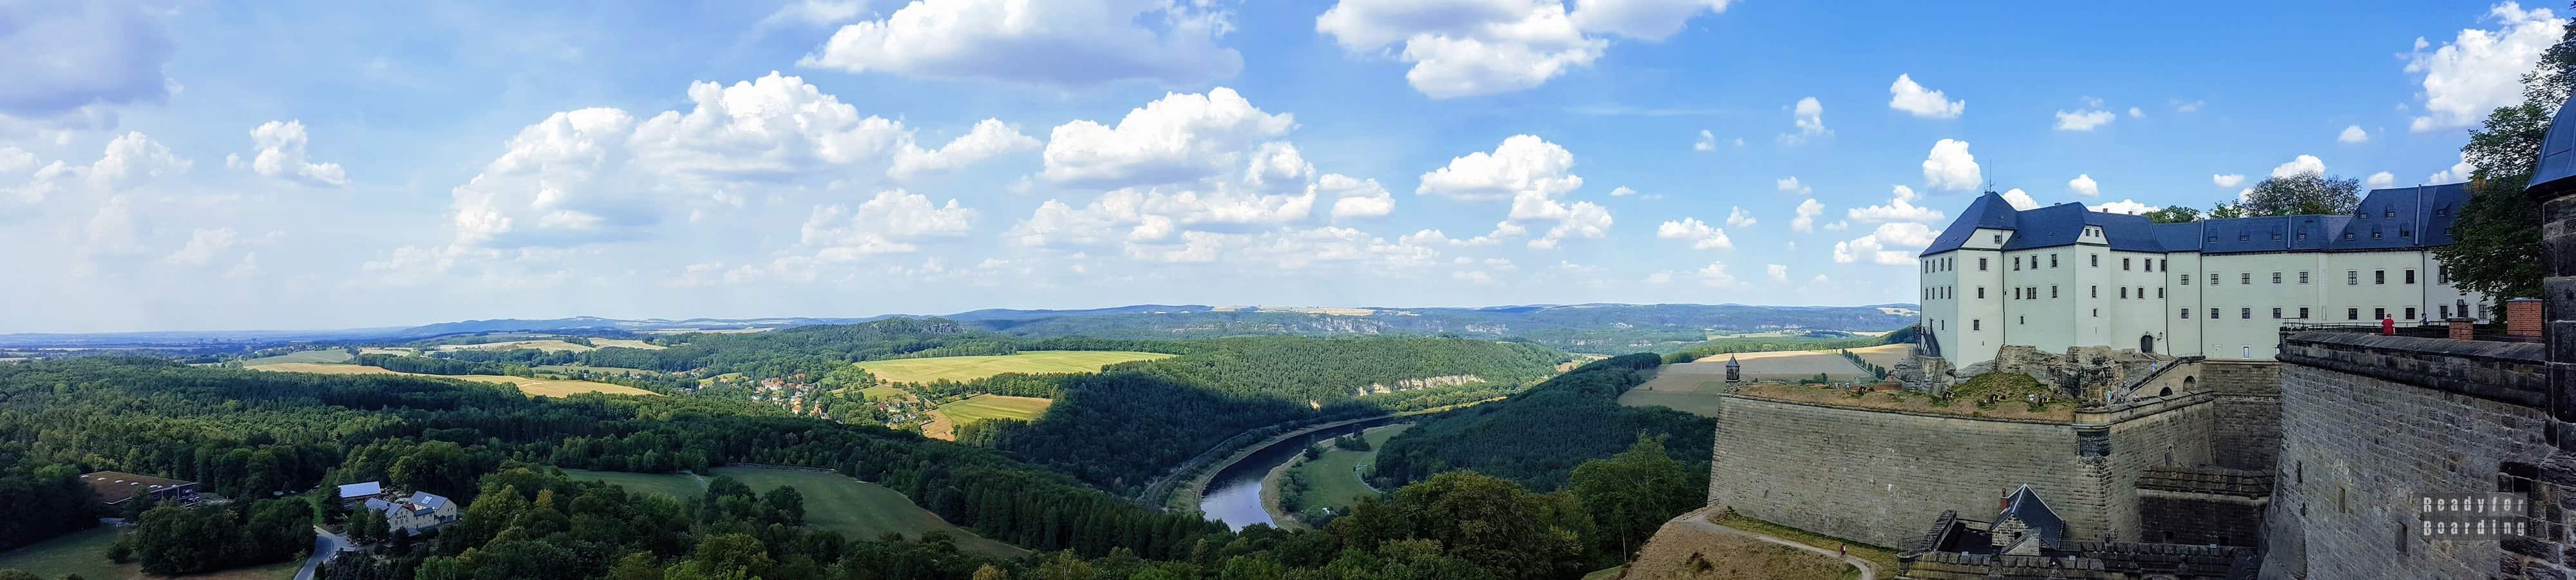 Panorama: Twierdza Königstein, Saksonia - Niemcy